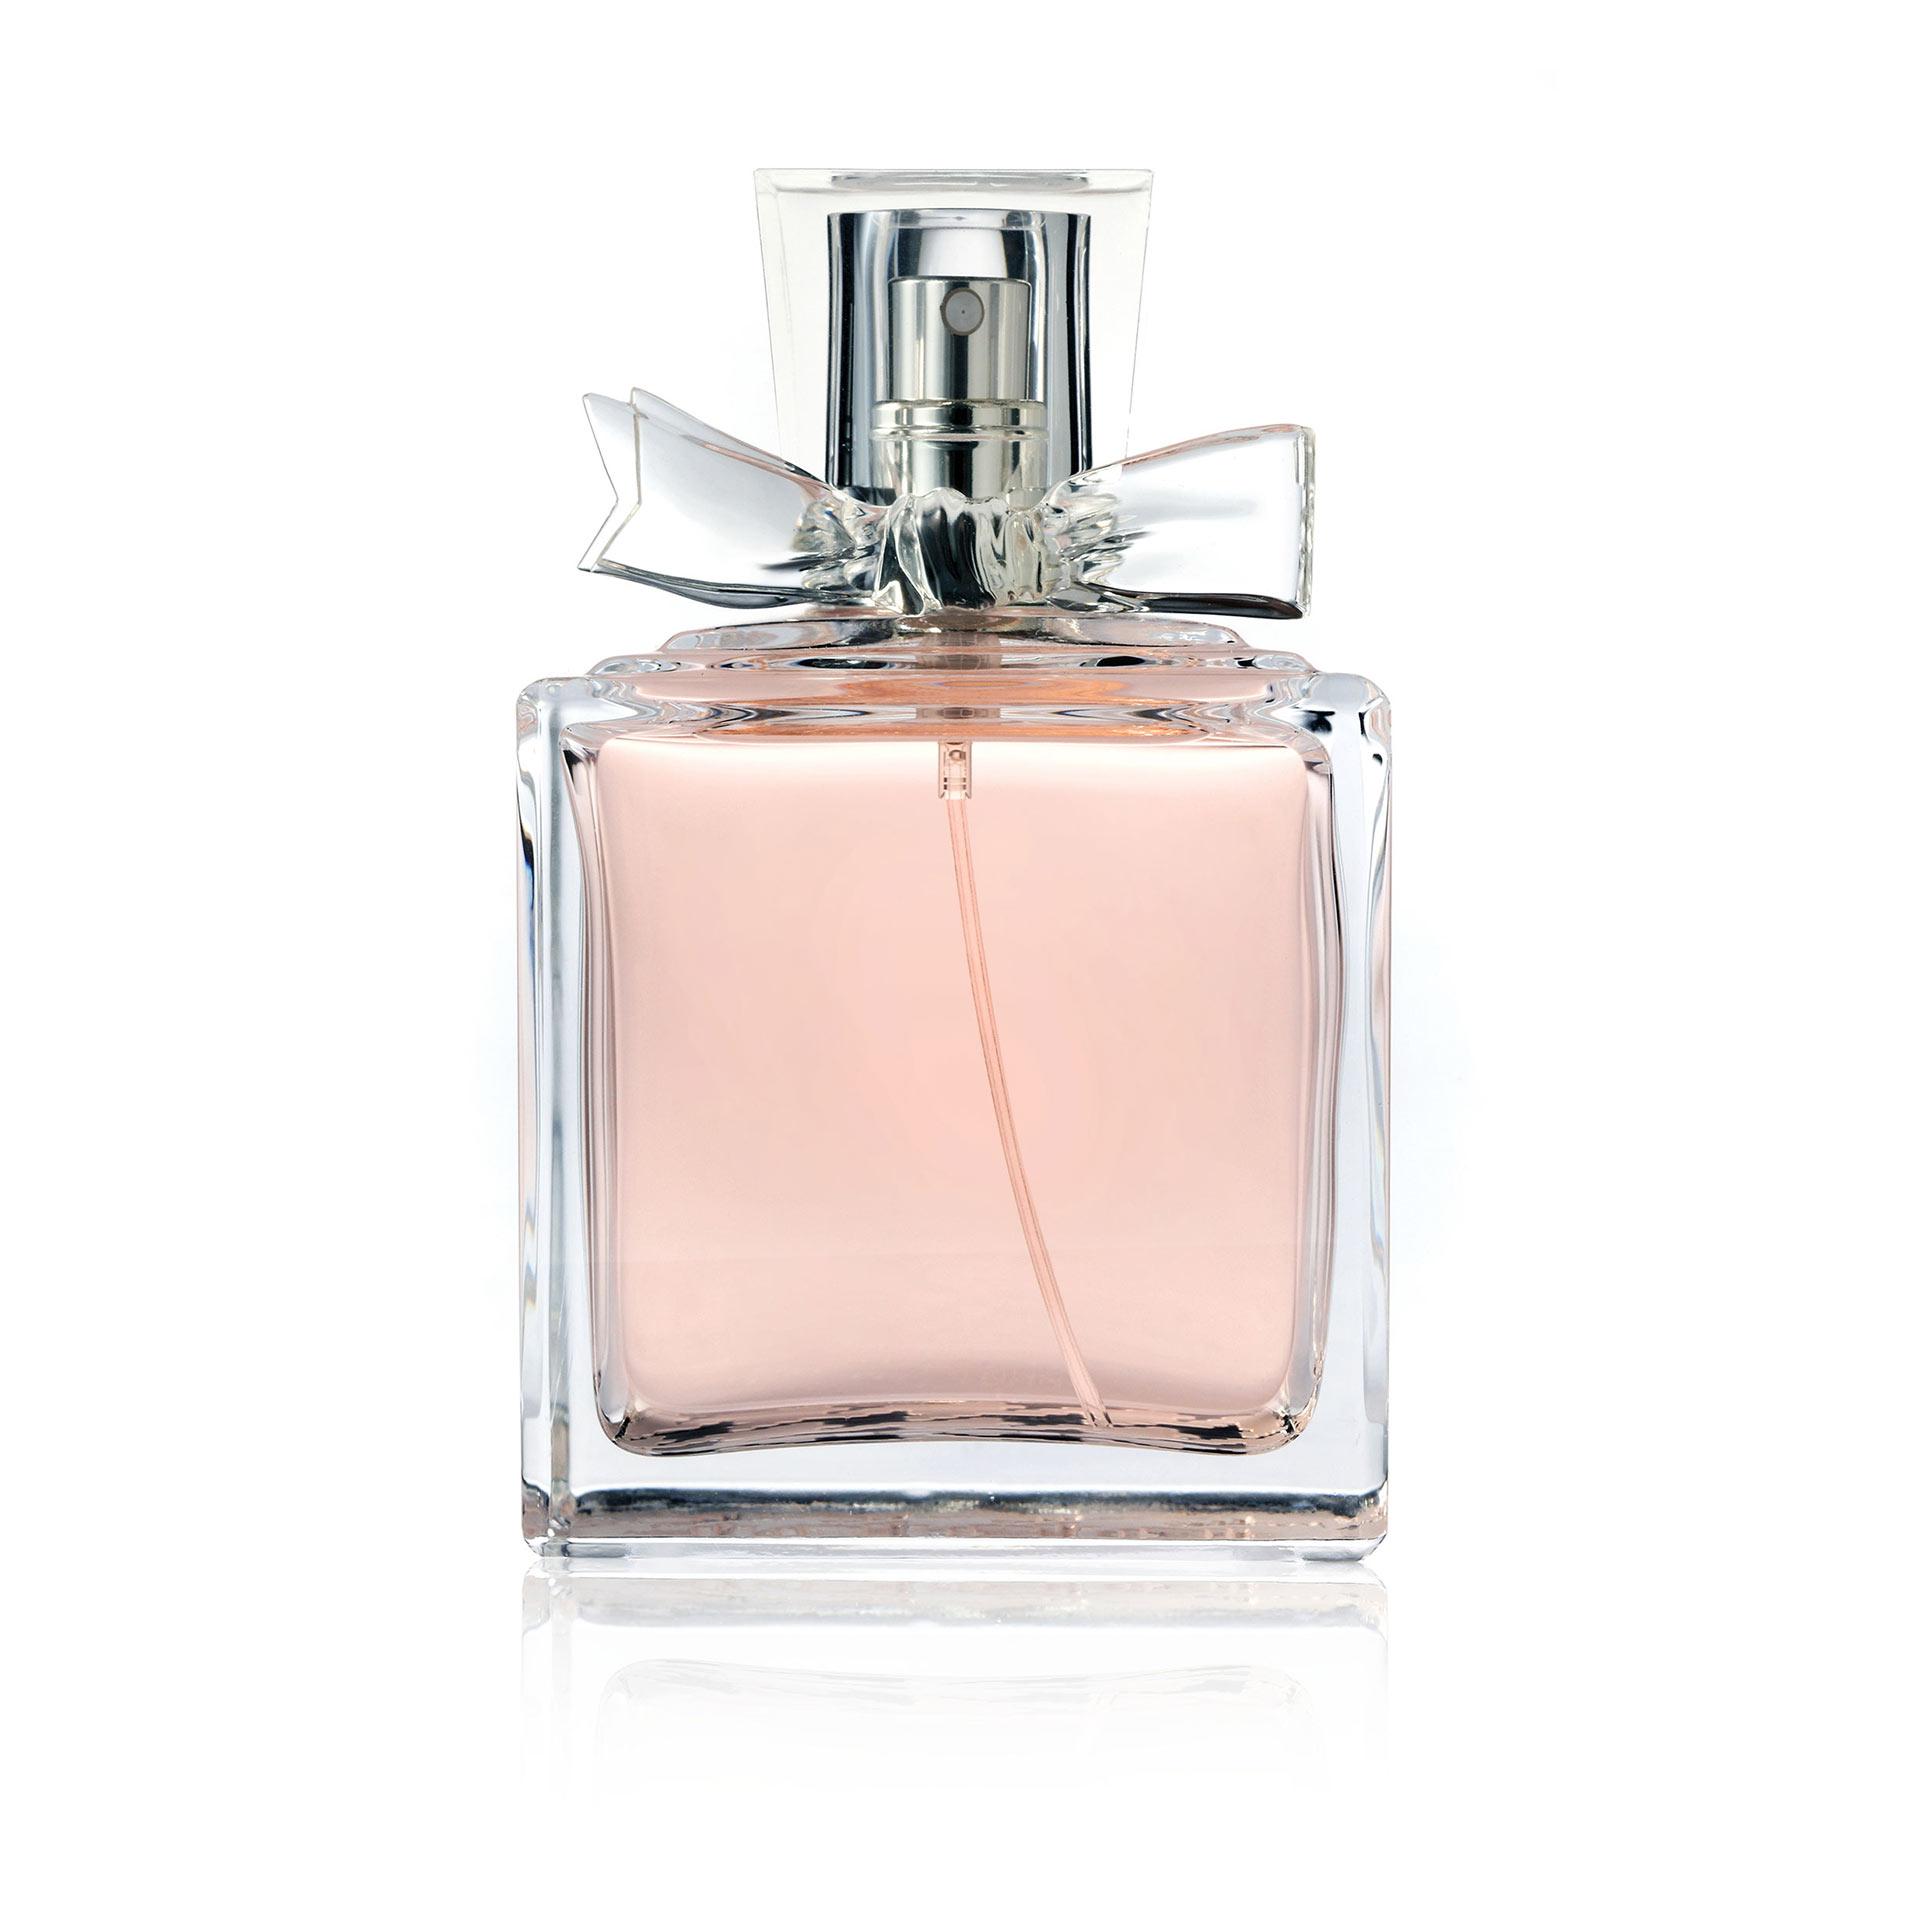 Women's Perfume - Osmosis Theme